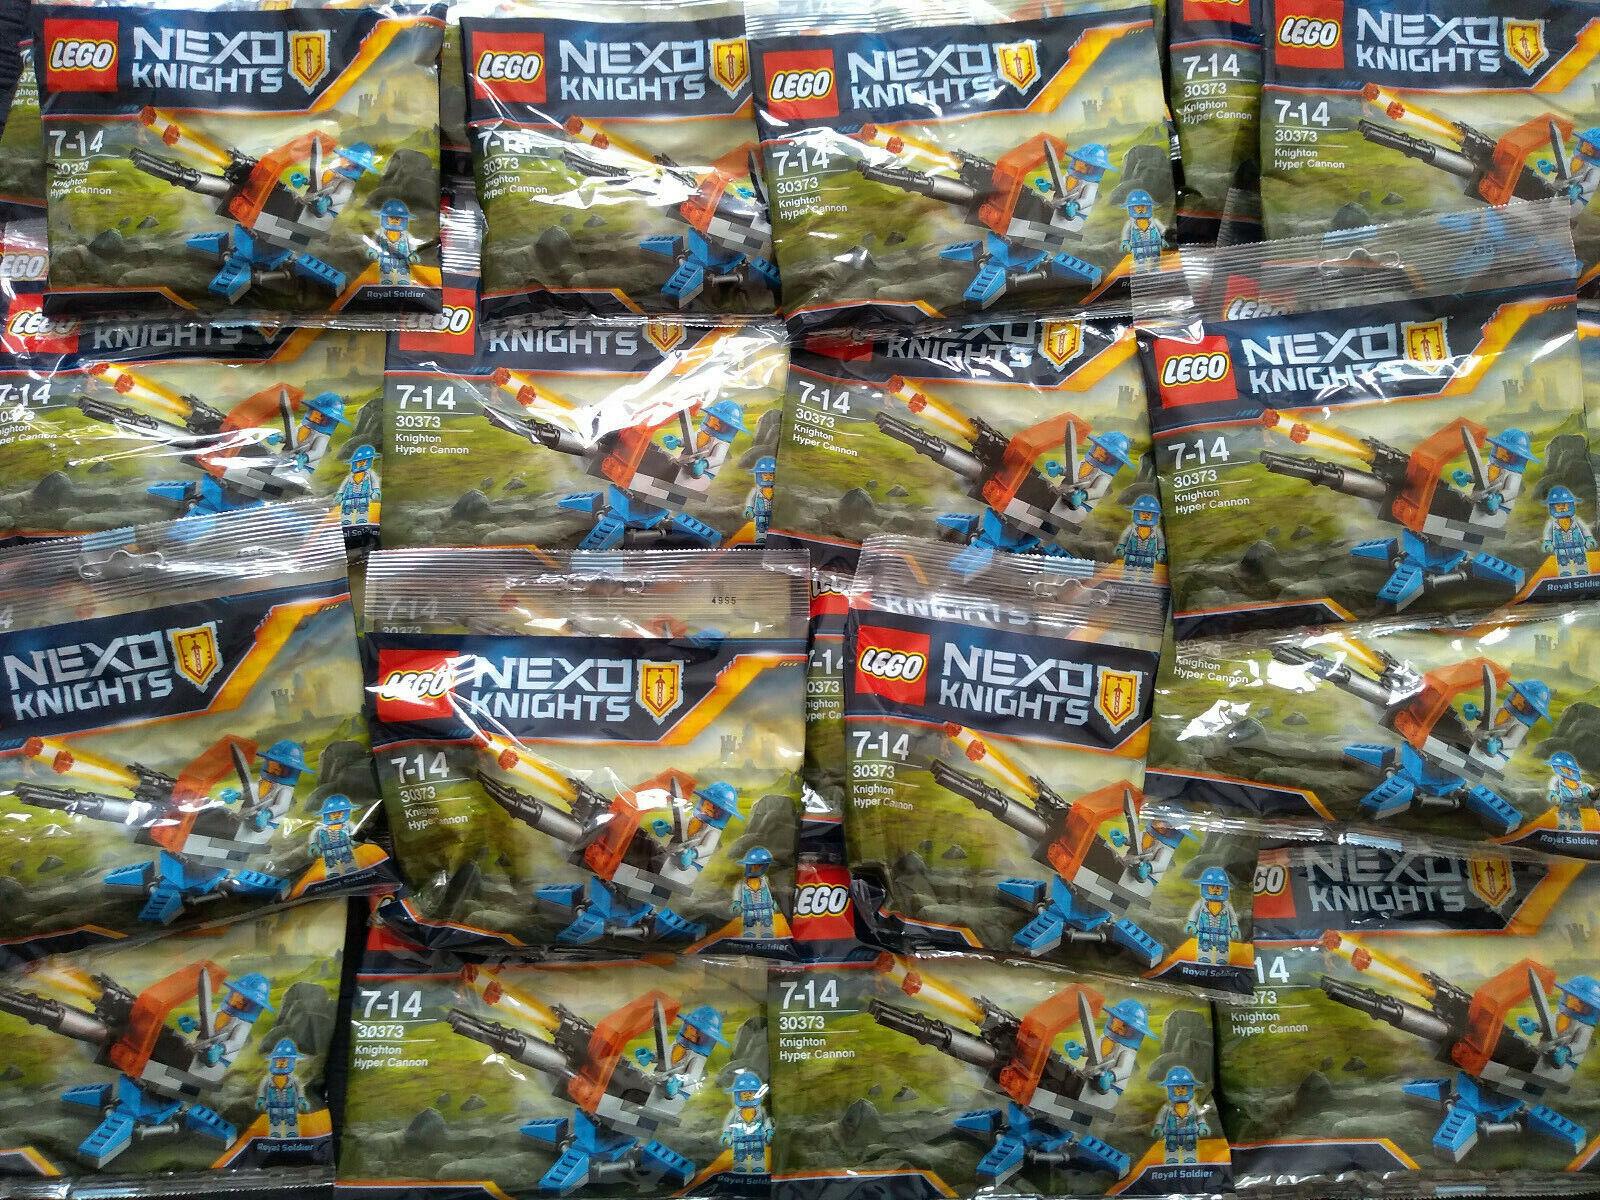 Lego - Nexo  Knights Hyper Cannone 30373 x 30 Sacchetti in Polietilene Lotto Bnip  negozio di sconto